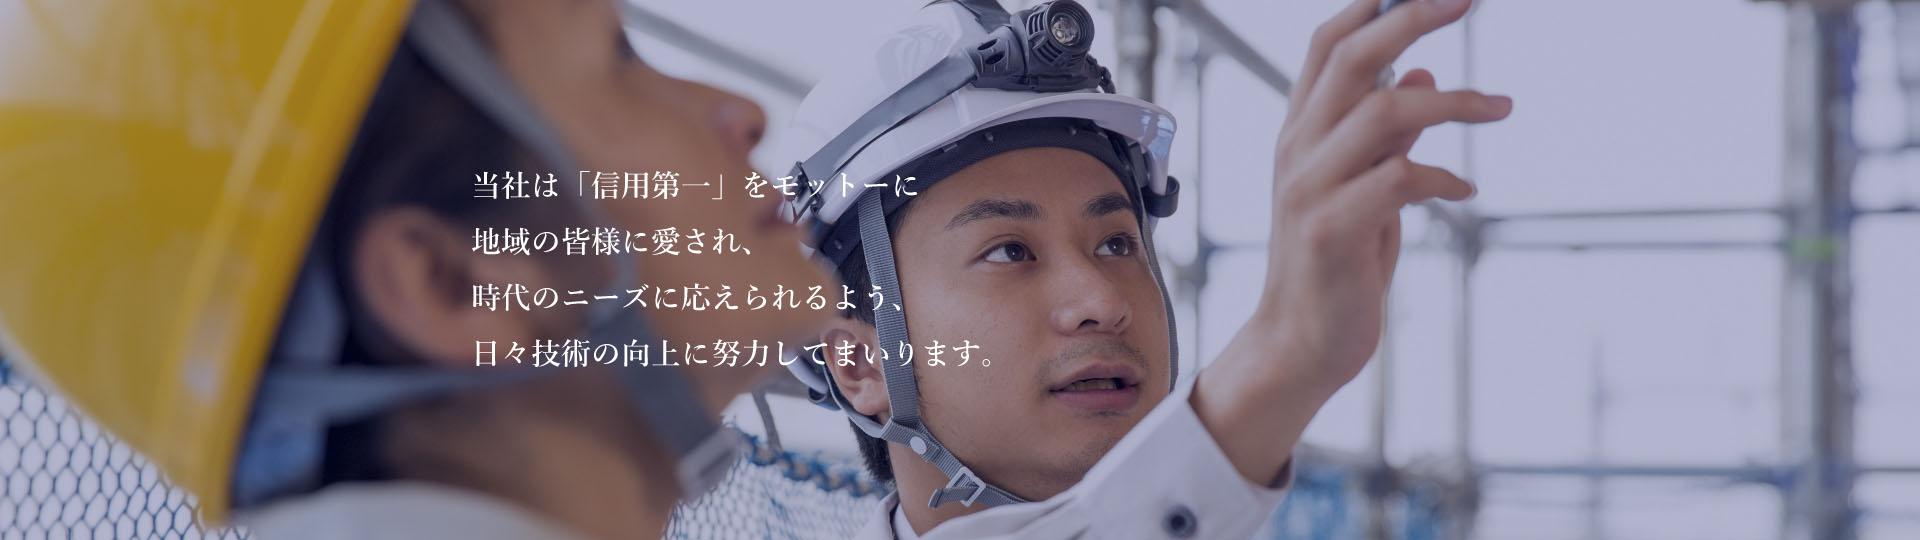 株式会社沼尻電気 トップ画像